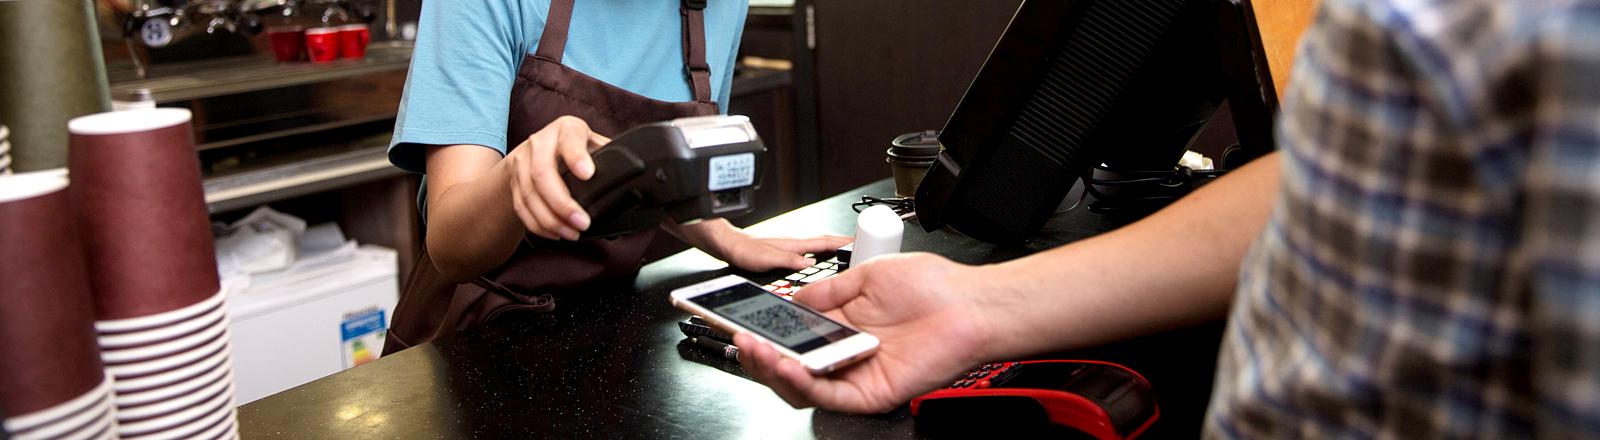 Mann bezahlt mit Smartphone an einer Kasse.